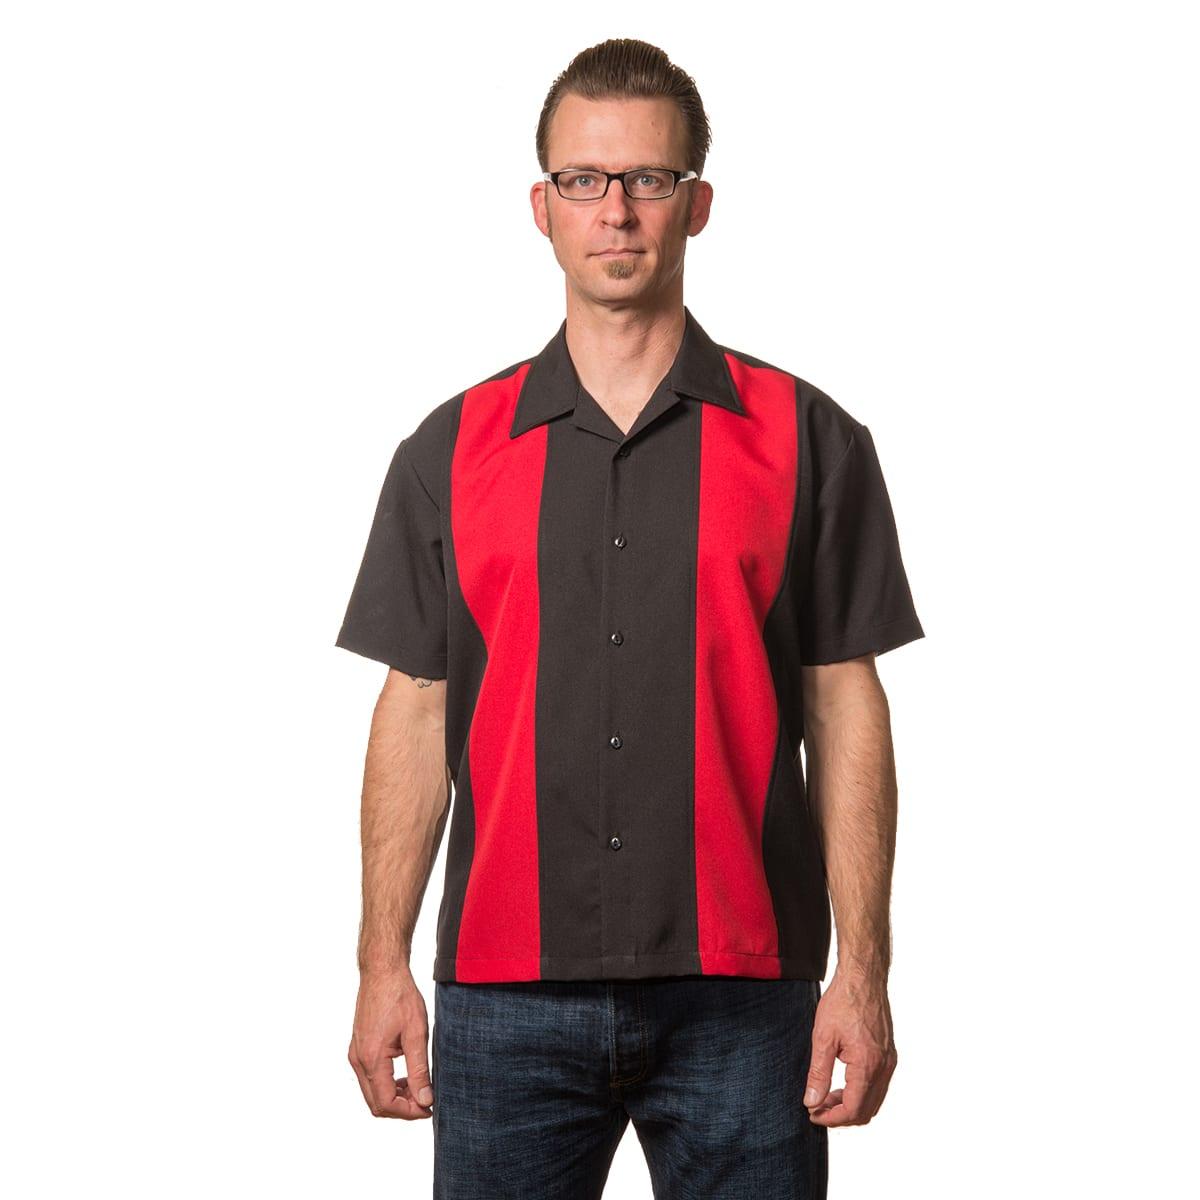 Steady svart rod rockabilly bowling skjorta bowling-skjortor